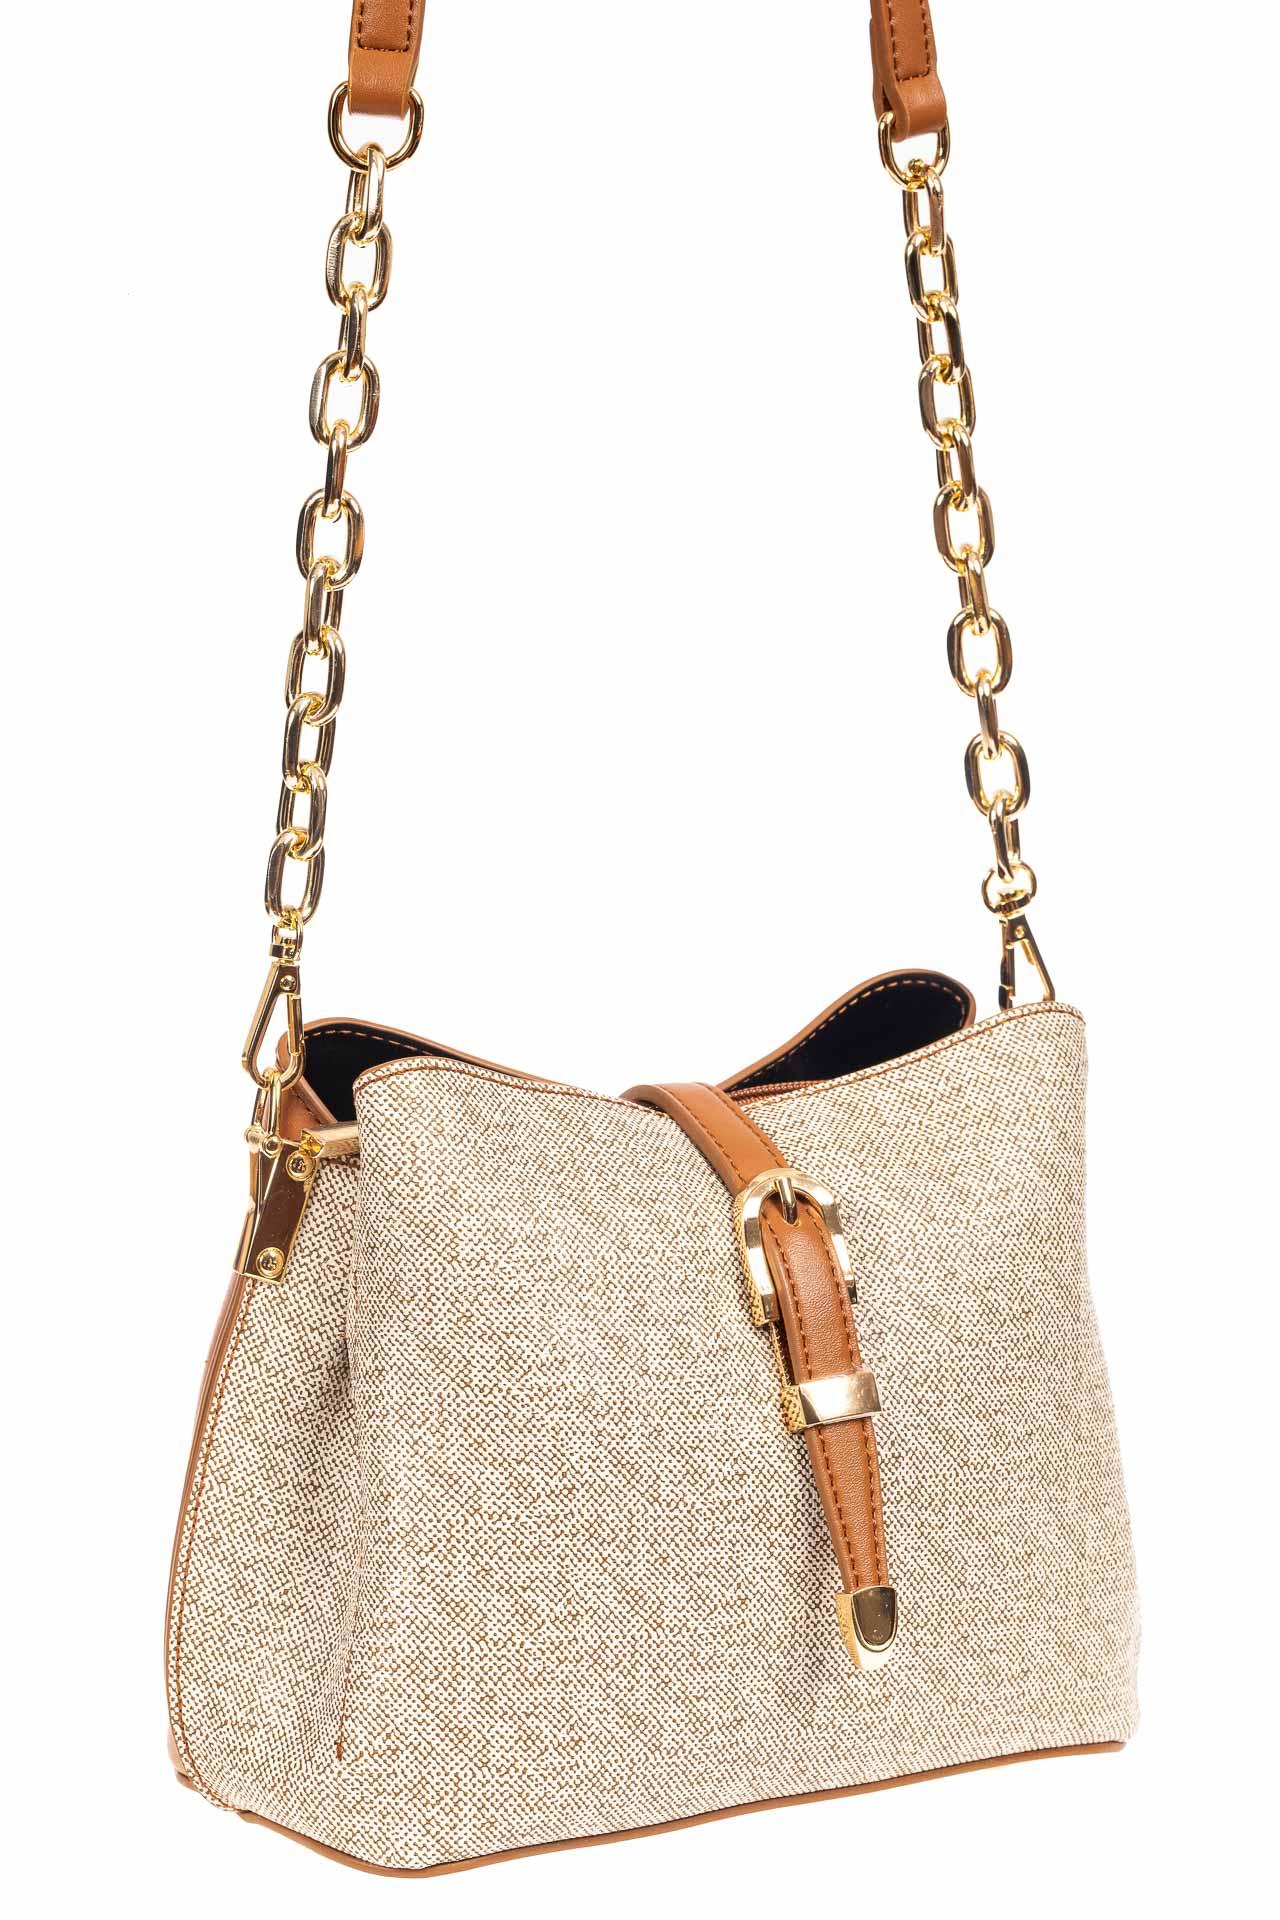 Небольшая сумка кросс-боди из кожзама, цвет бежевый20015PJ0420/10